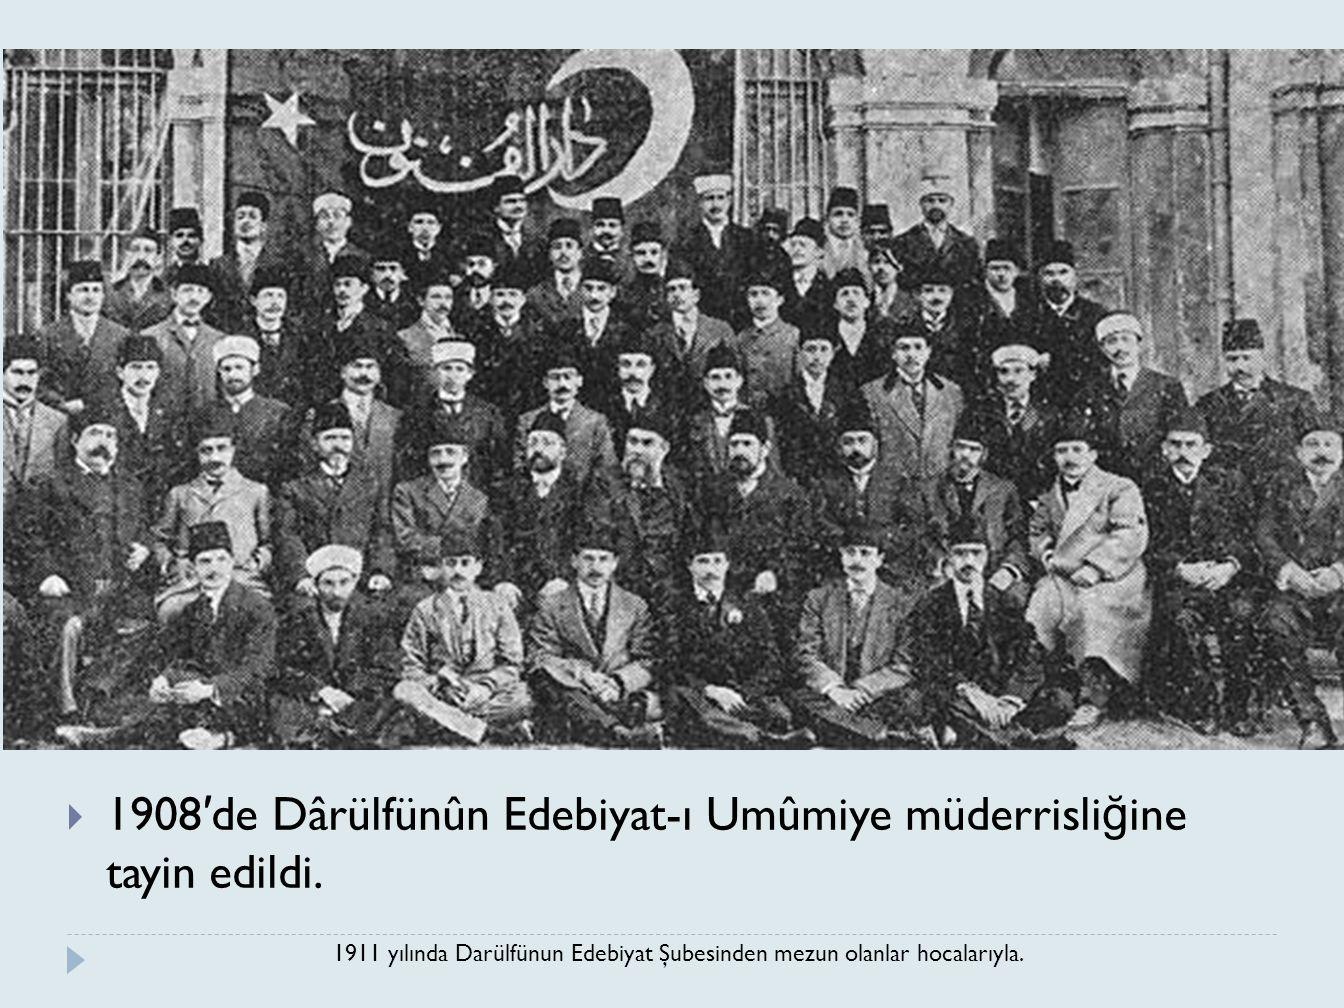  1908 ′ de Dârülfünûn Edebiyat-ı Umûmiye müderrisli ğ ine tayin edildi. 1911 yılında Darülfünun Edebiyat Şubesinden mezun olanlar hocalarıyla.